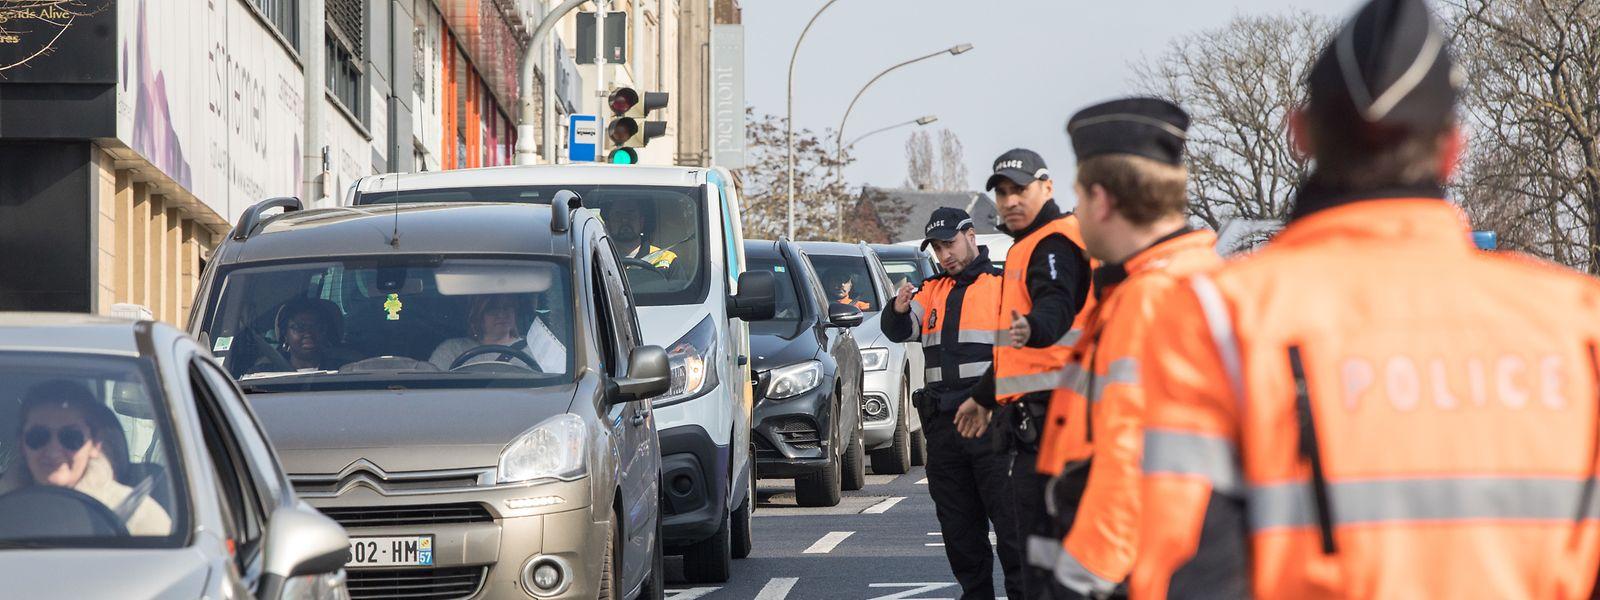 Die Polizei kontrolliert, ob die Regeln des Notstands auch berücksichtigt werden. So fand etwa vergangene Woche eine entsprechende Kontrolle in der Route d'Esch in Hollerich statt.